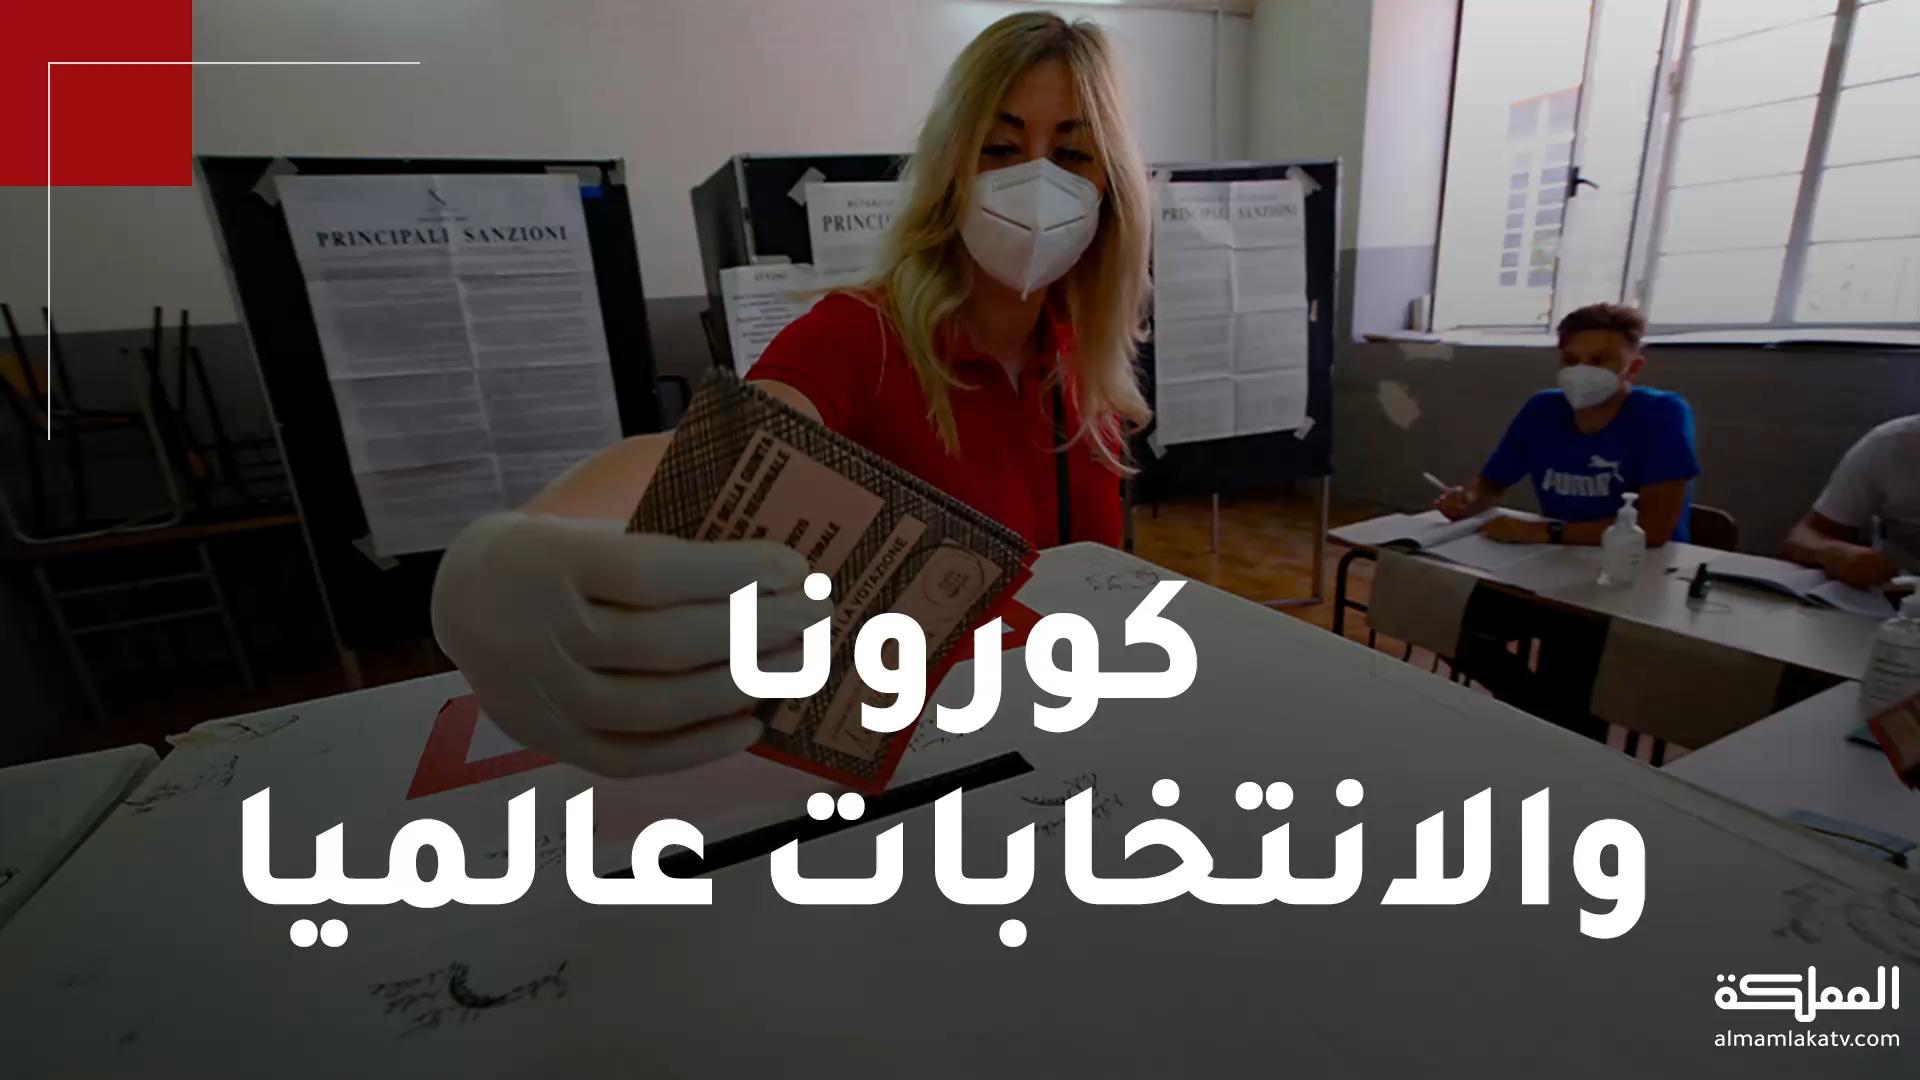 دول أجرت انتخاباتها رغم جائحة كورونا